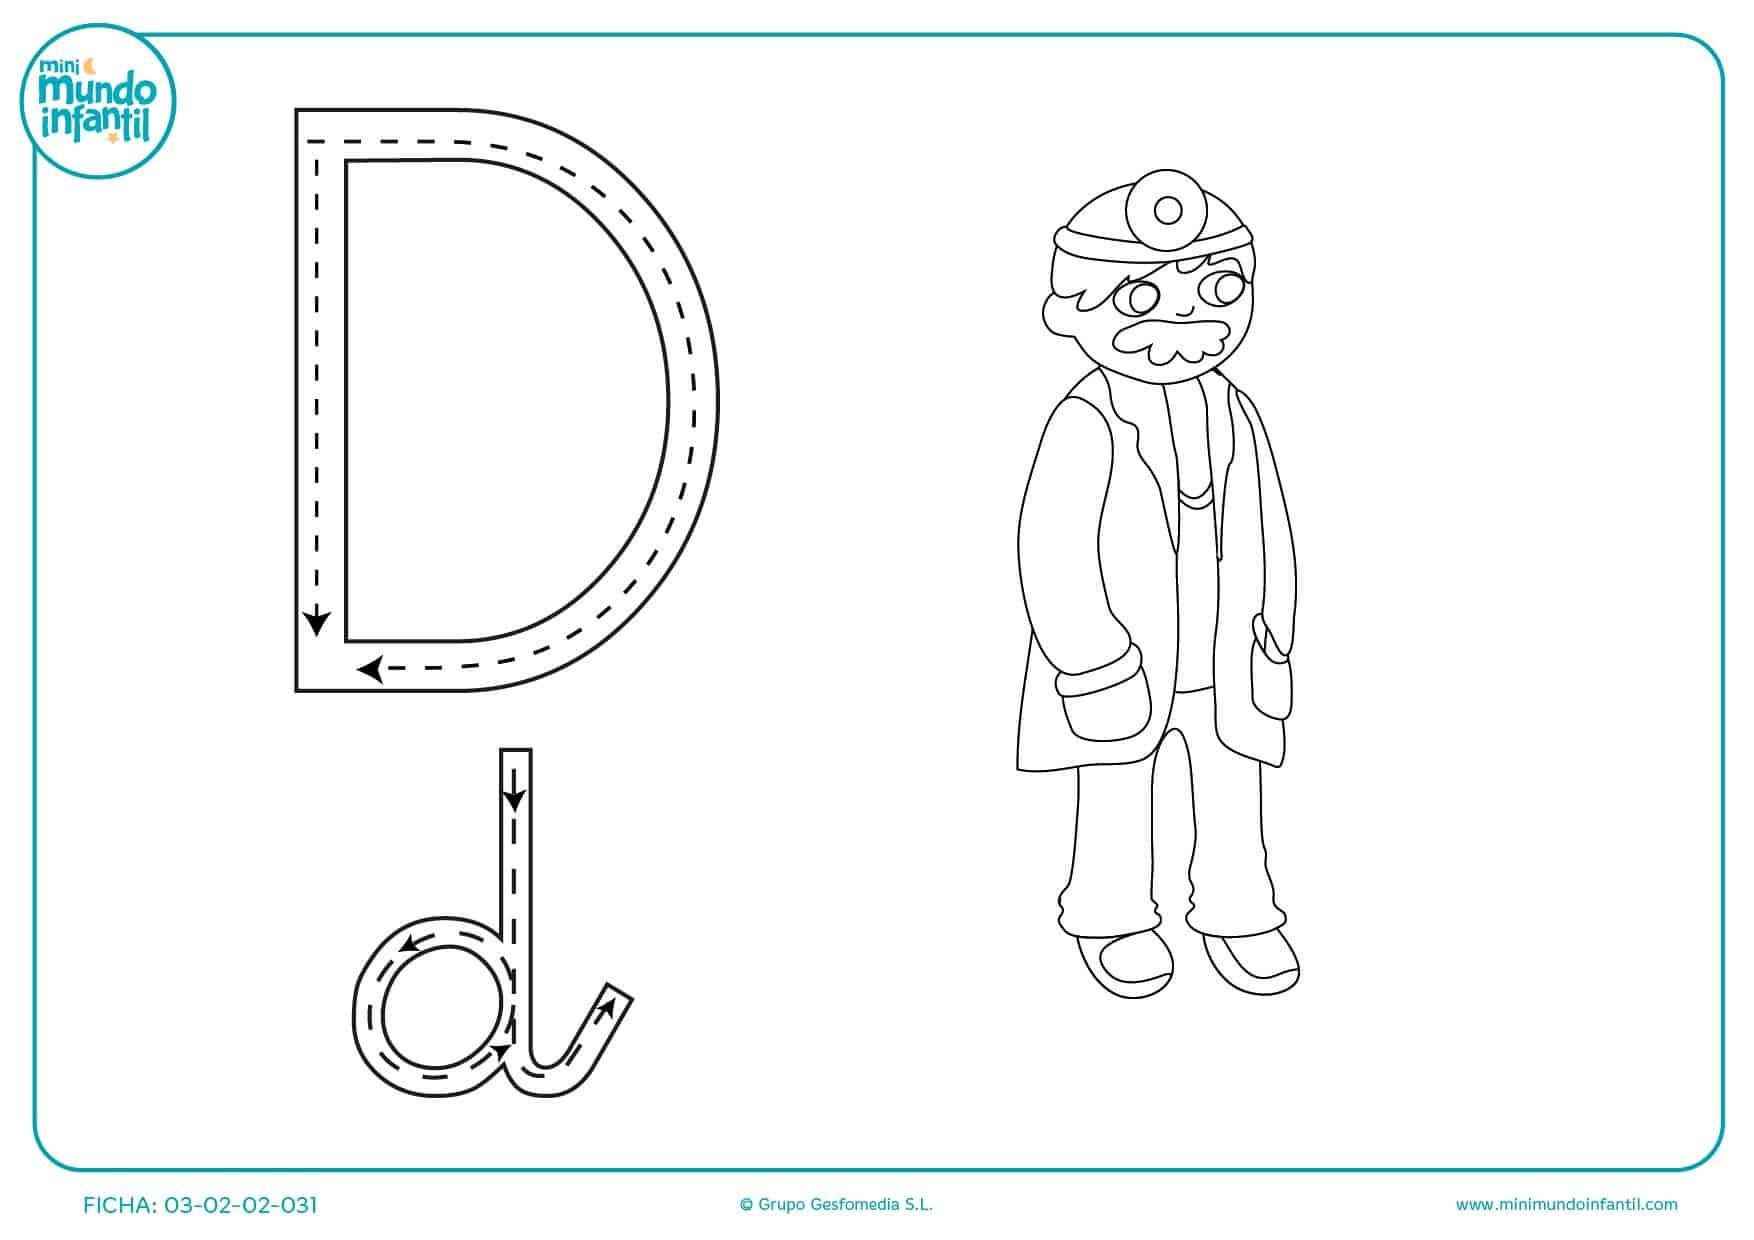 Repasar las líneas para aprender a trazar la letra D